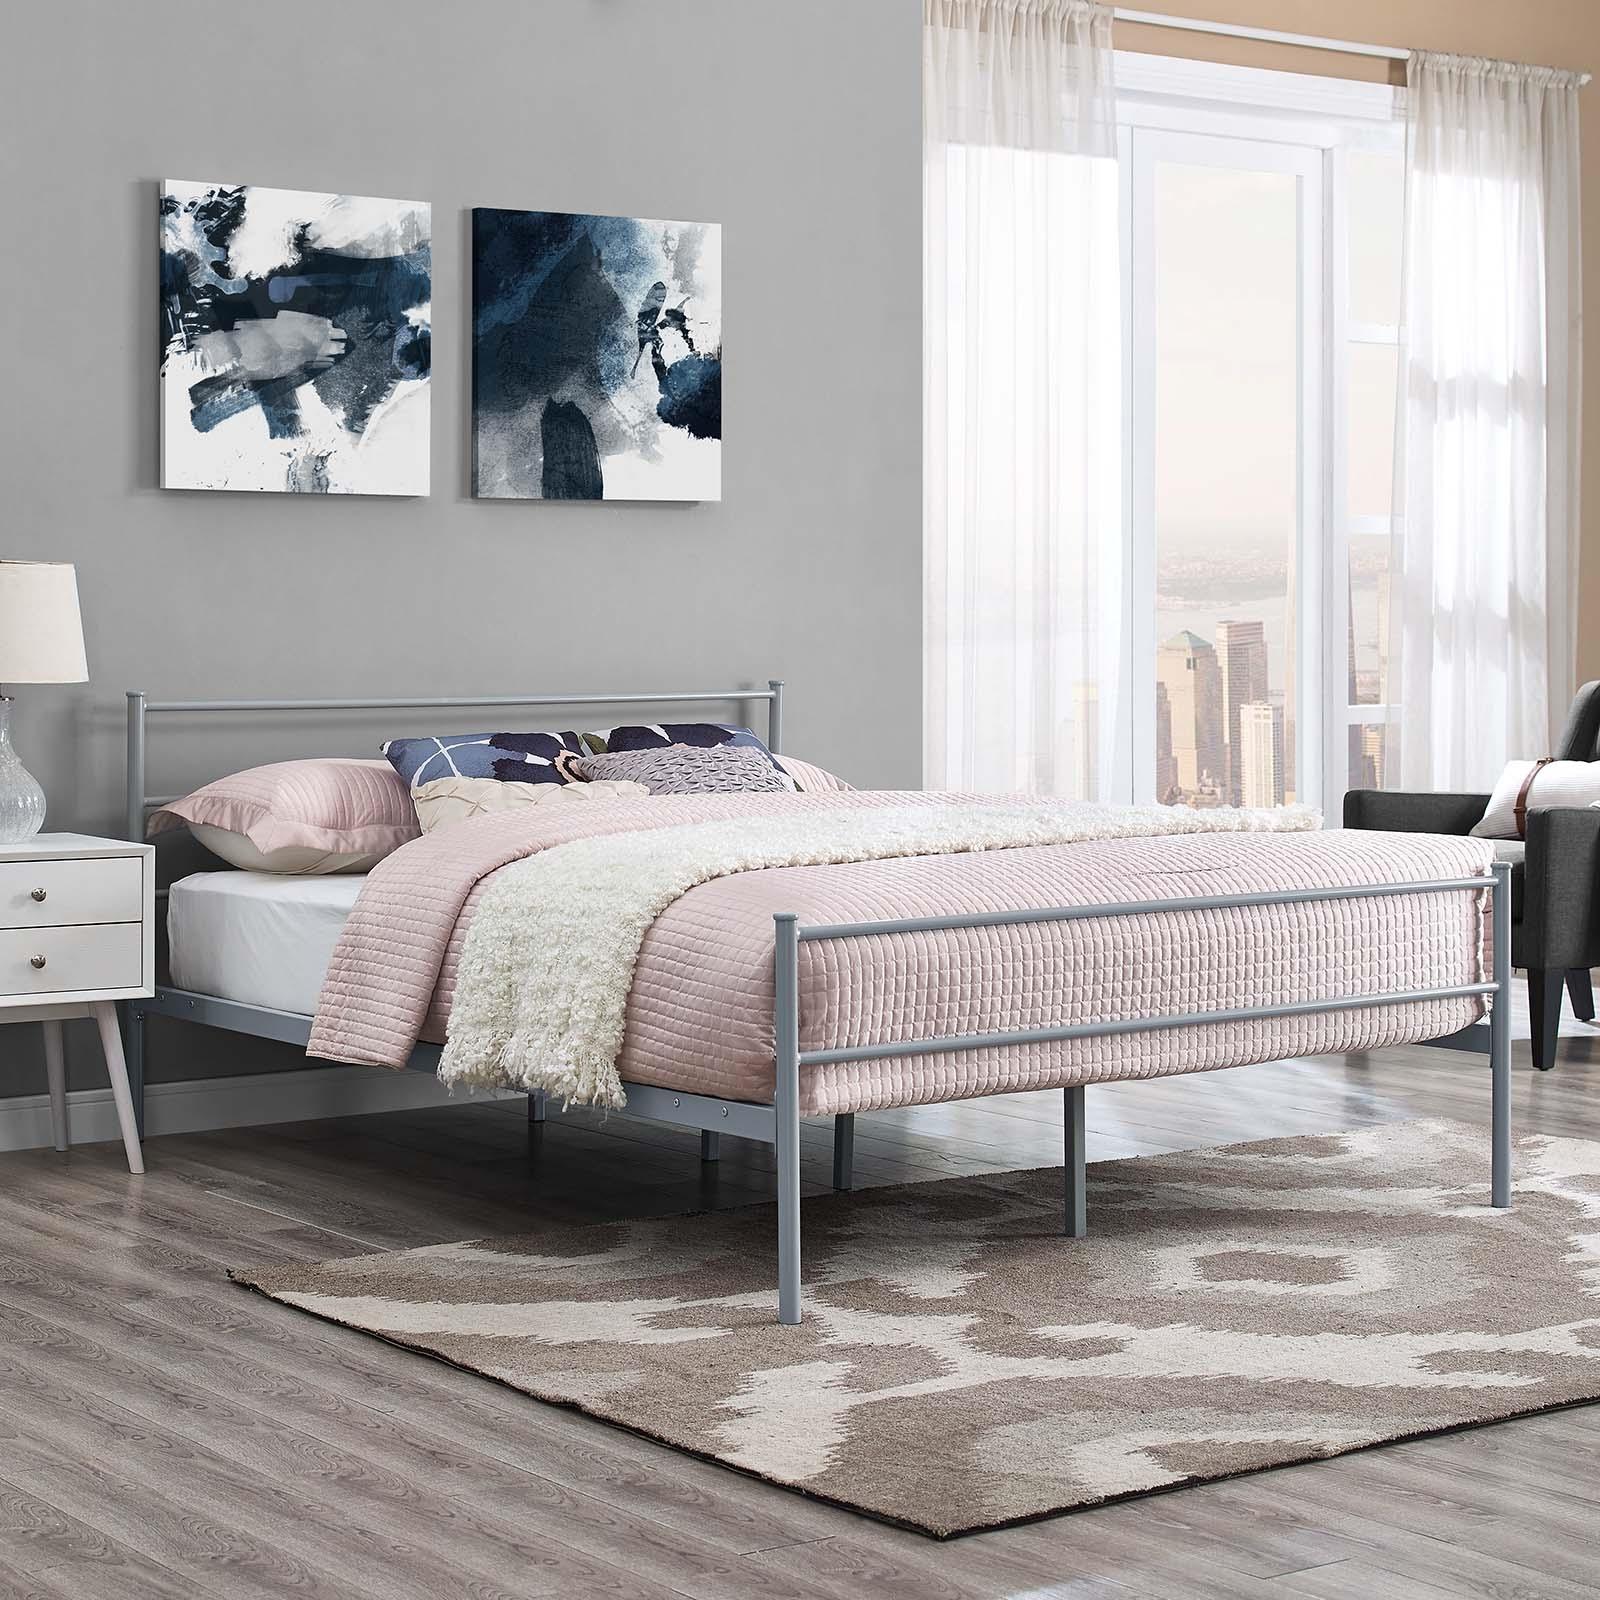 Alina Queen Platform Bed Frame in Gray